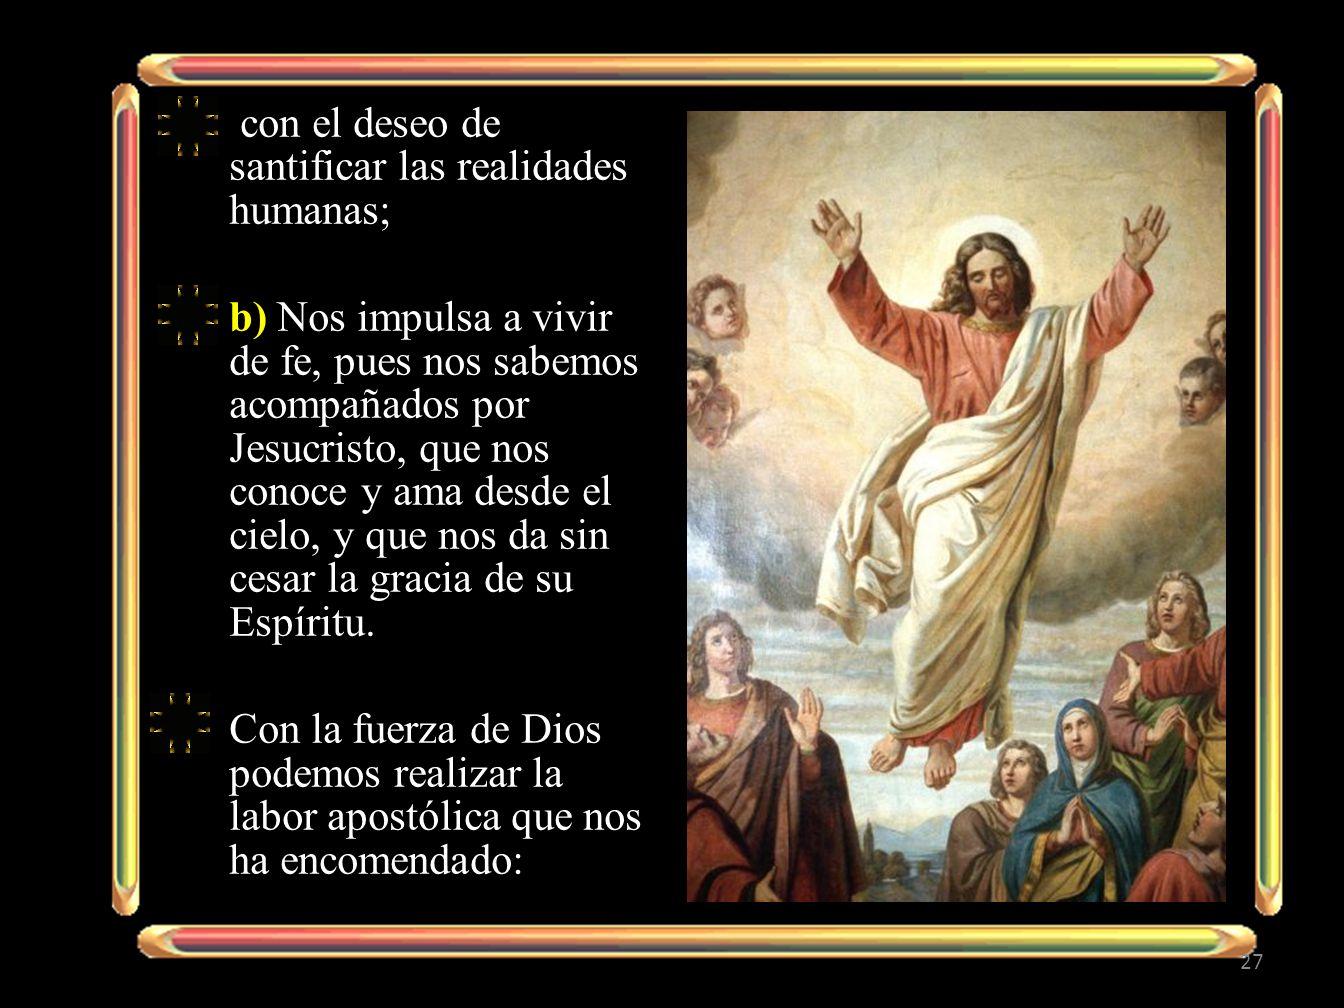 con el deseo de santificar las realidades humanas; b) Nos impulsa a vivir de fe, pues nos sabemos acompañados por Jesucristo, que nos conoce y ama des